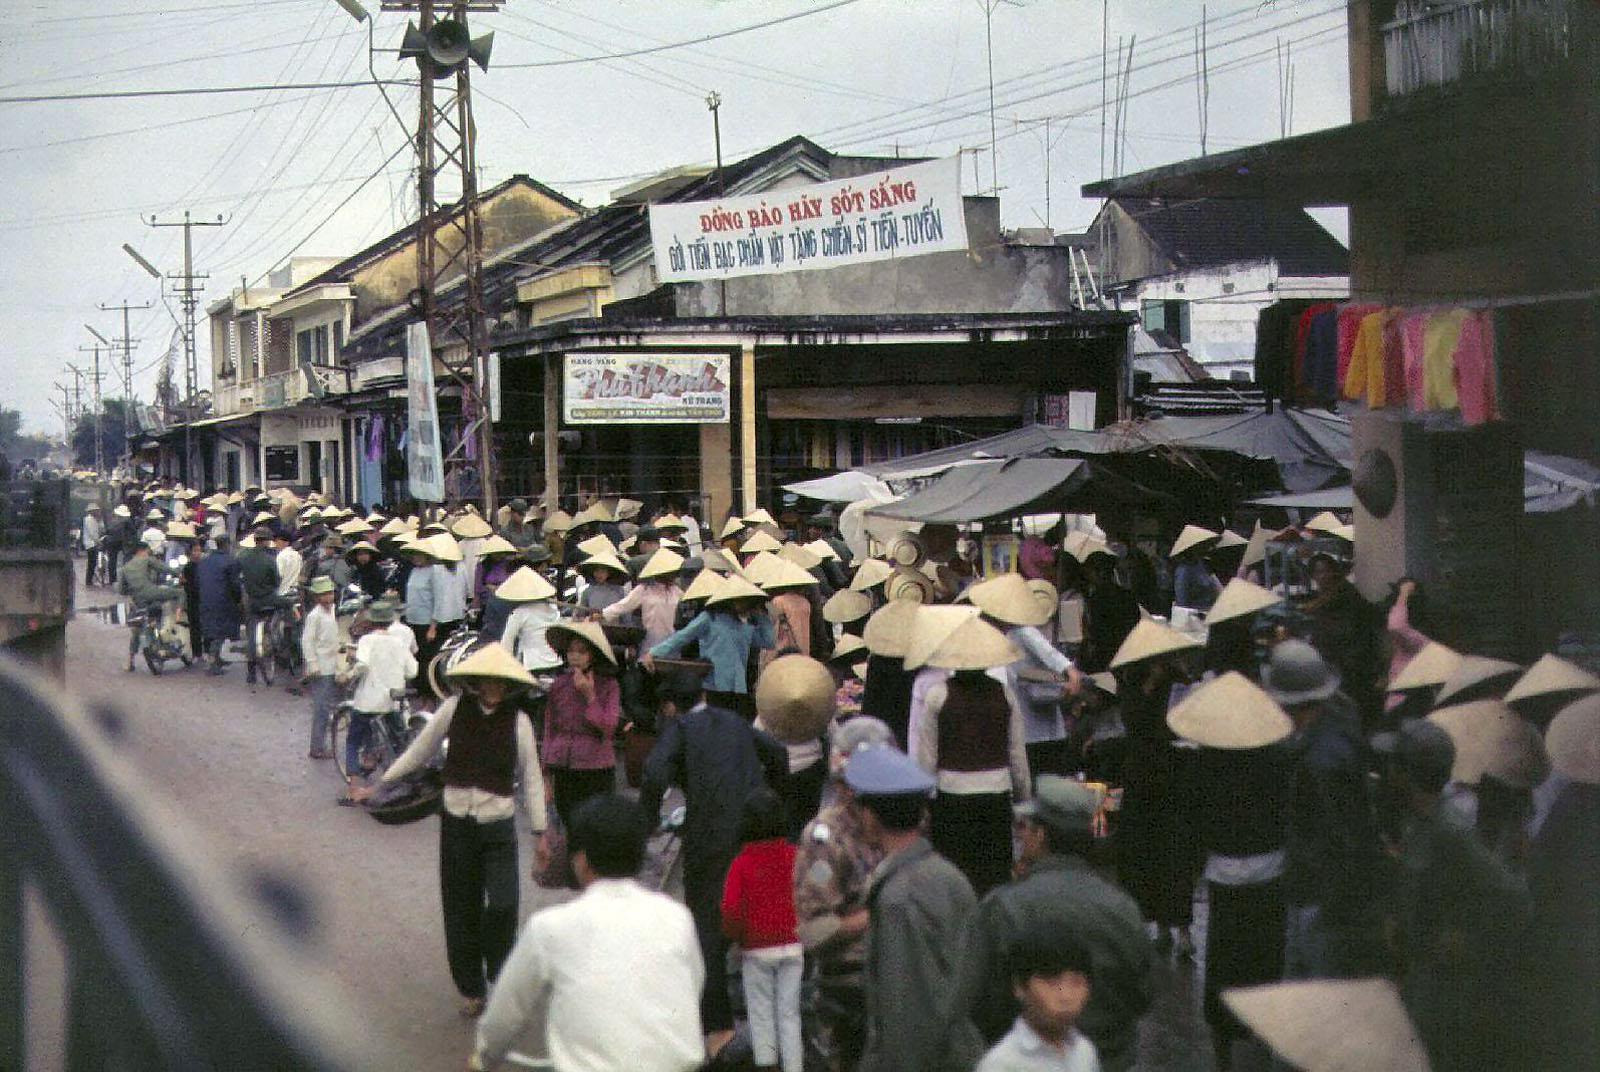 Hoài niệm Tam Kỳ xưa qua những bức ảnh film quý giá